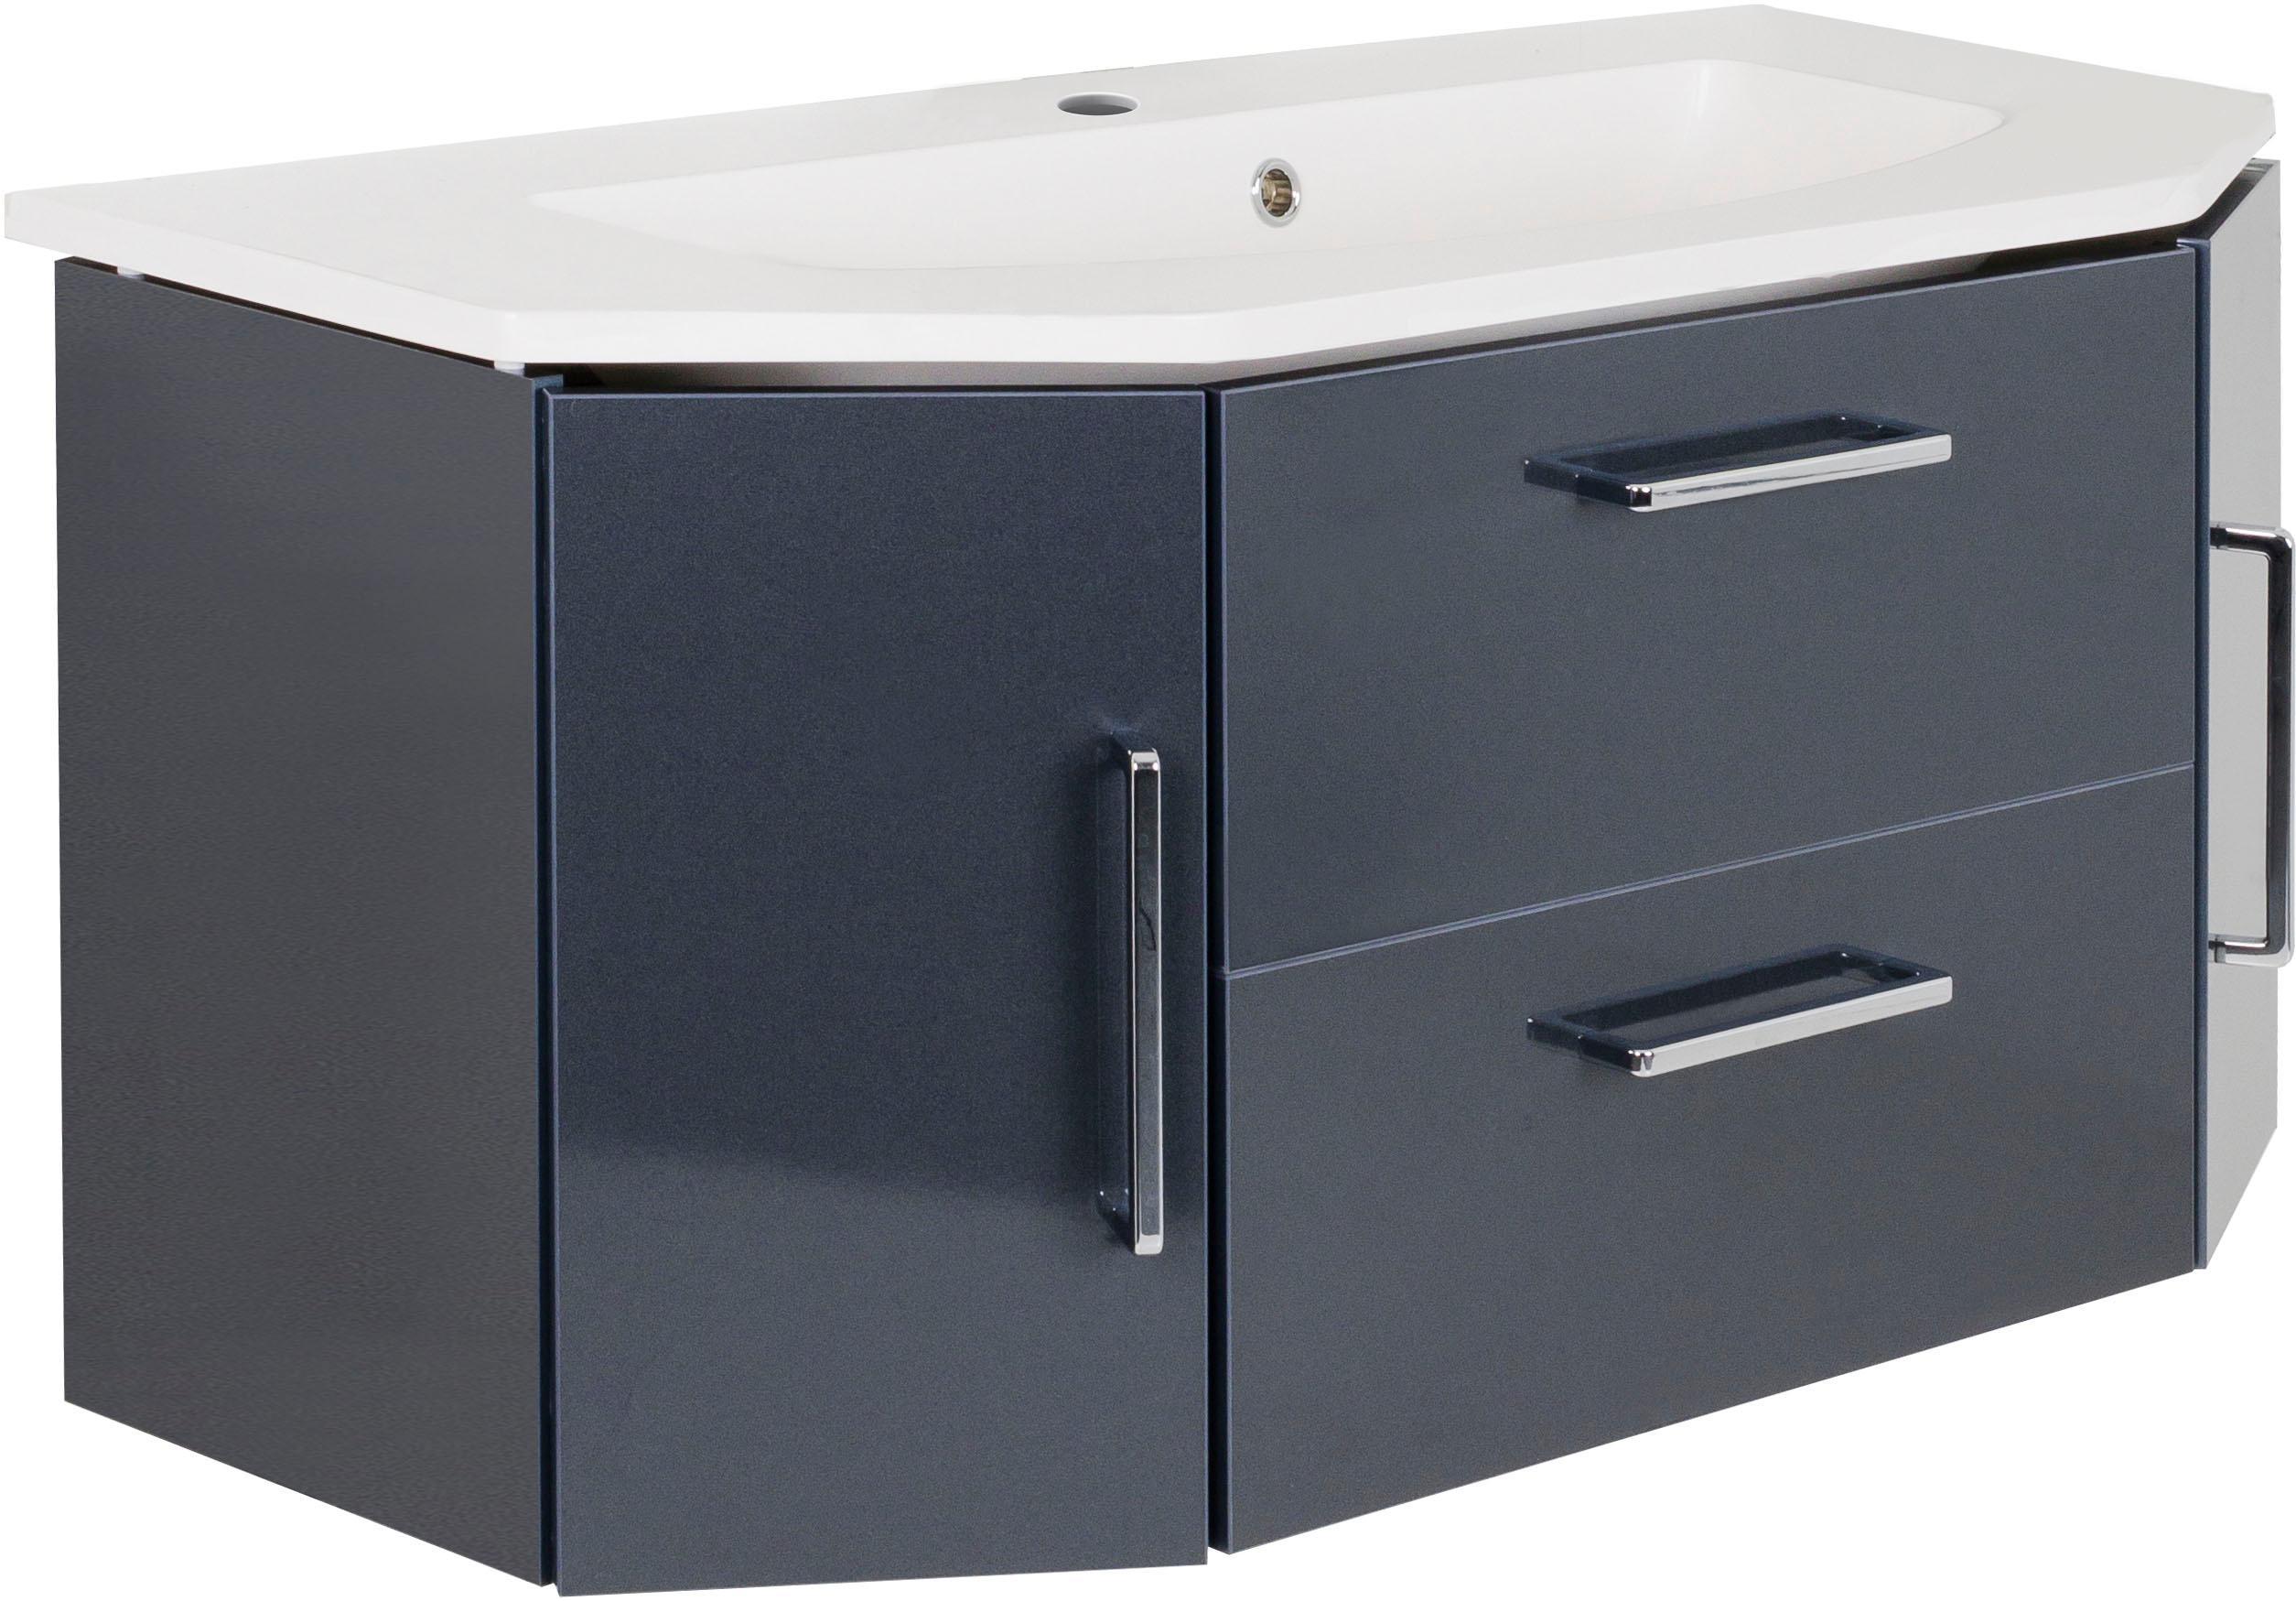 OPTIFIT Waschtisch, Ava grau Waschtische Badmöbel